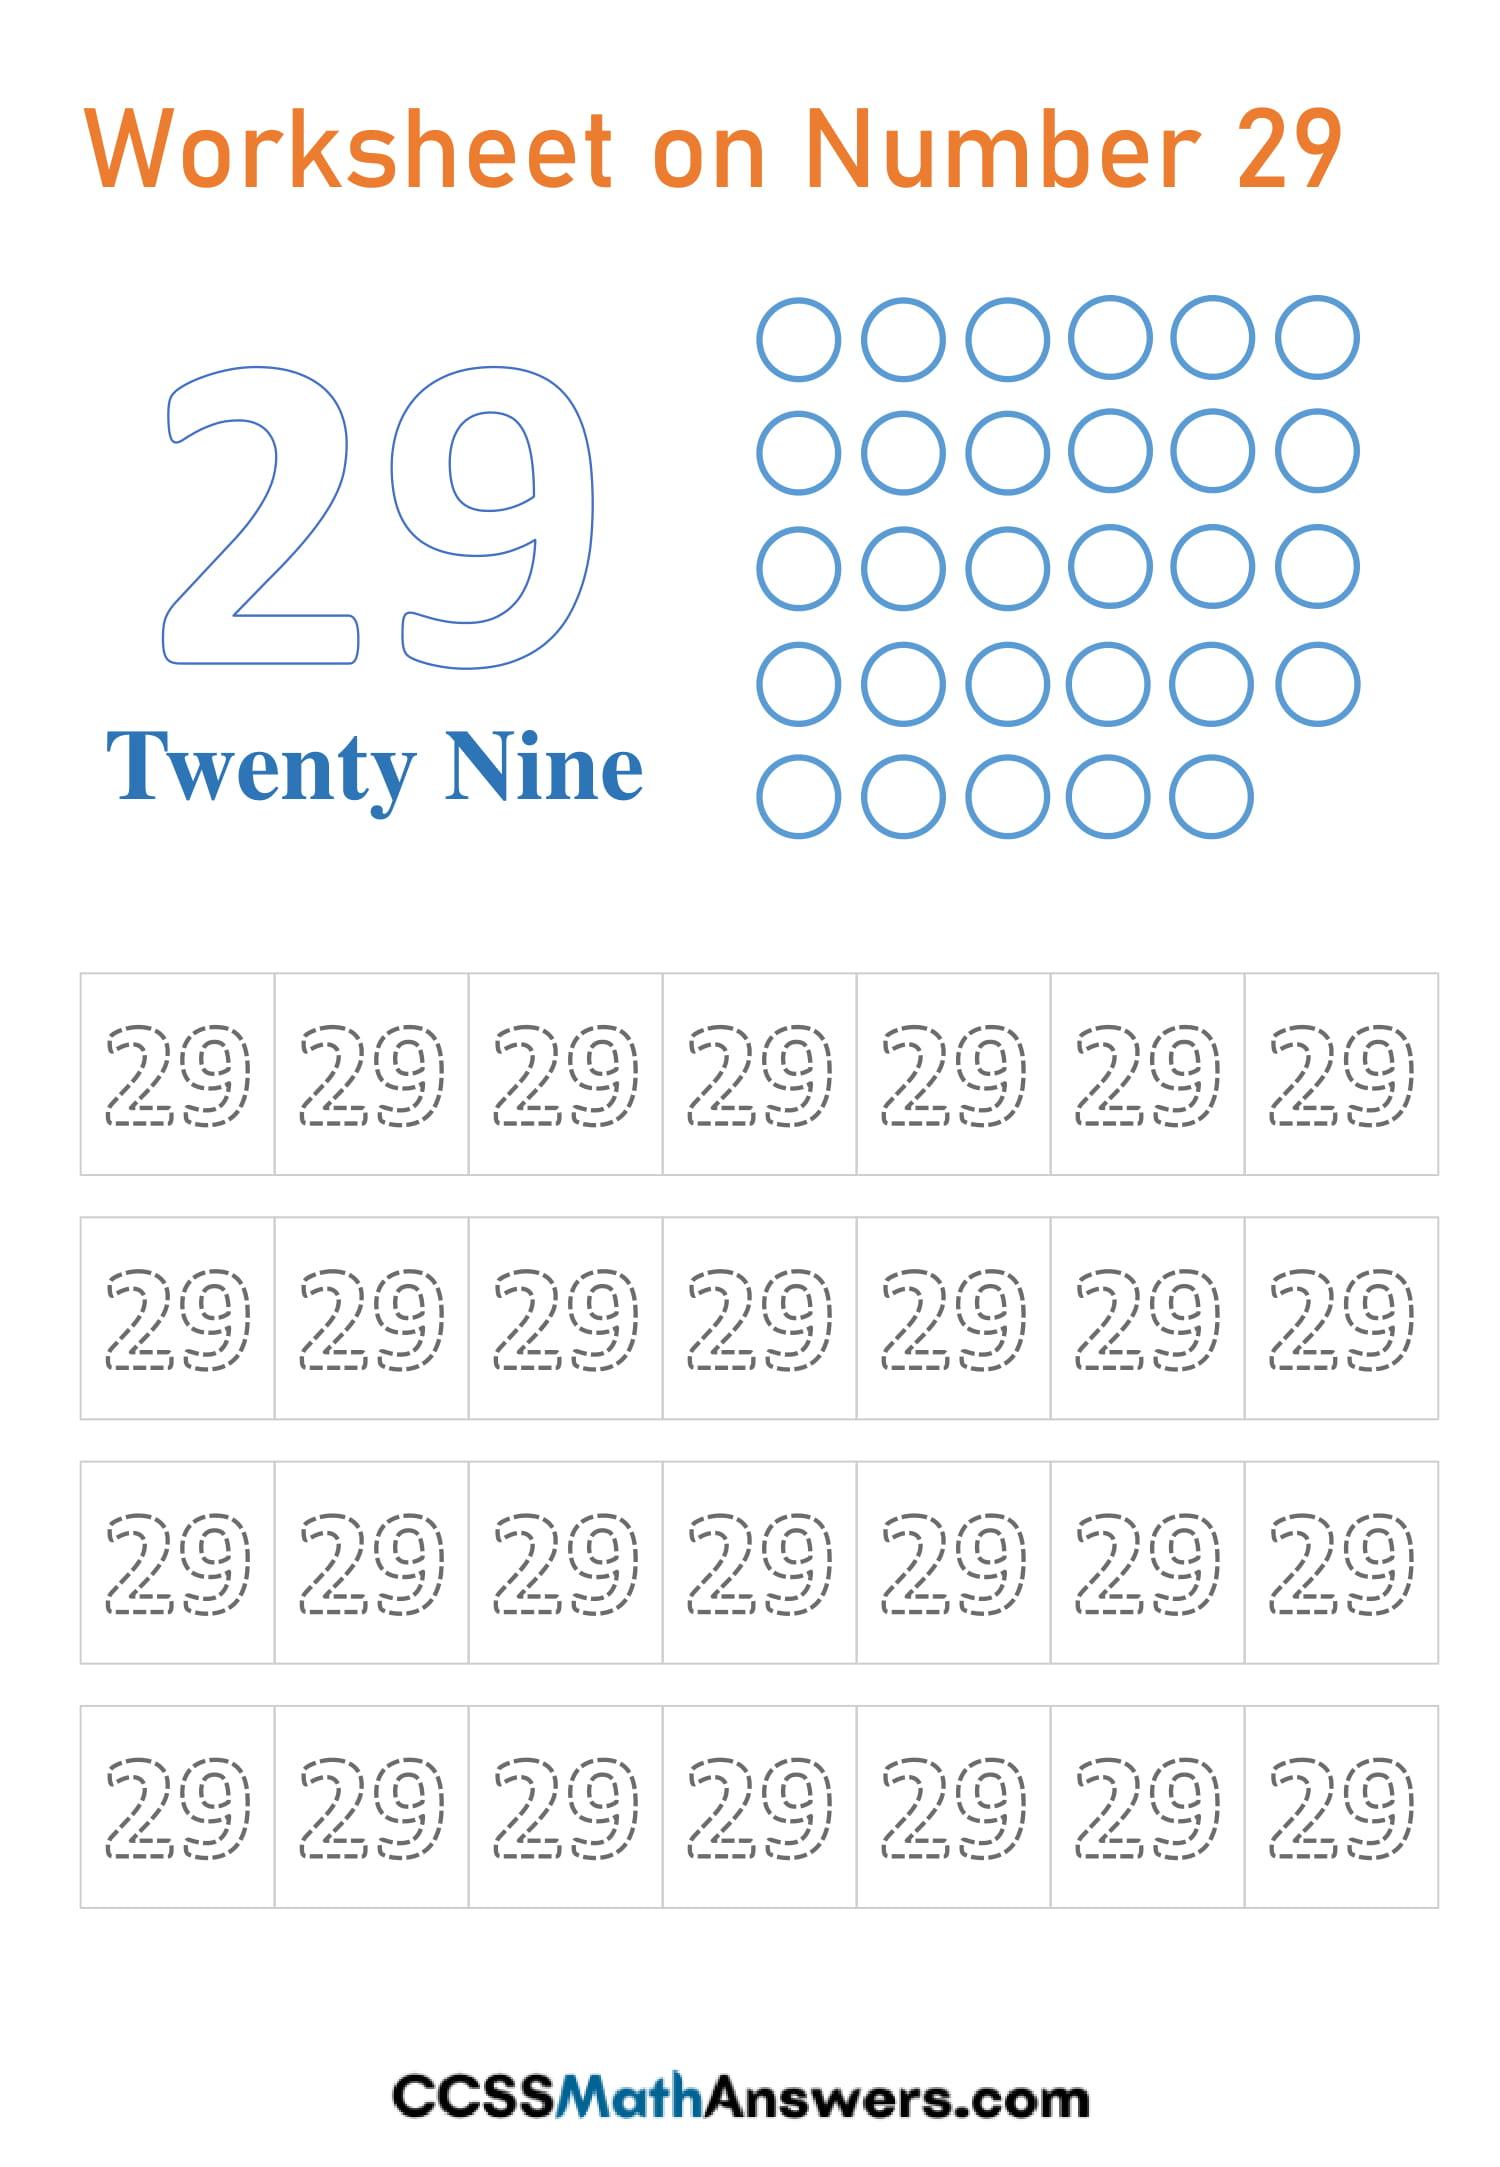 Number 29 Worksheet